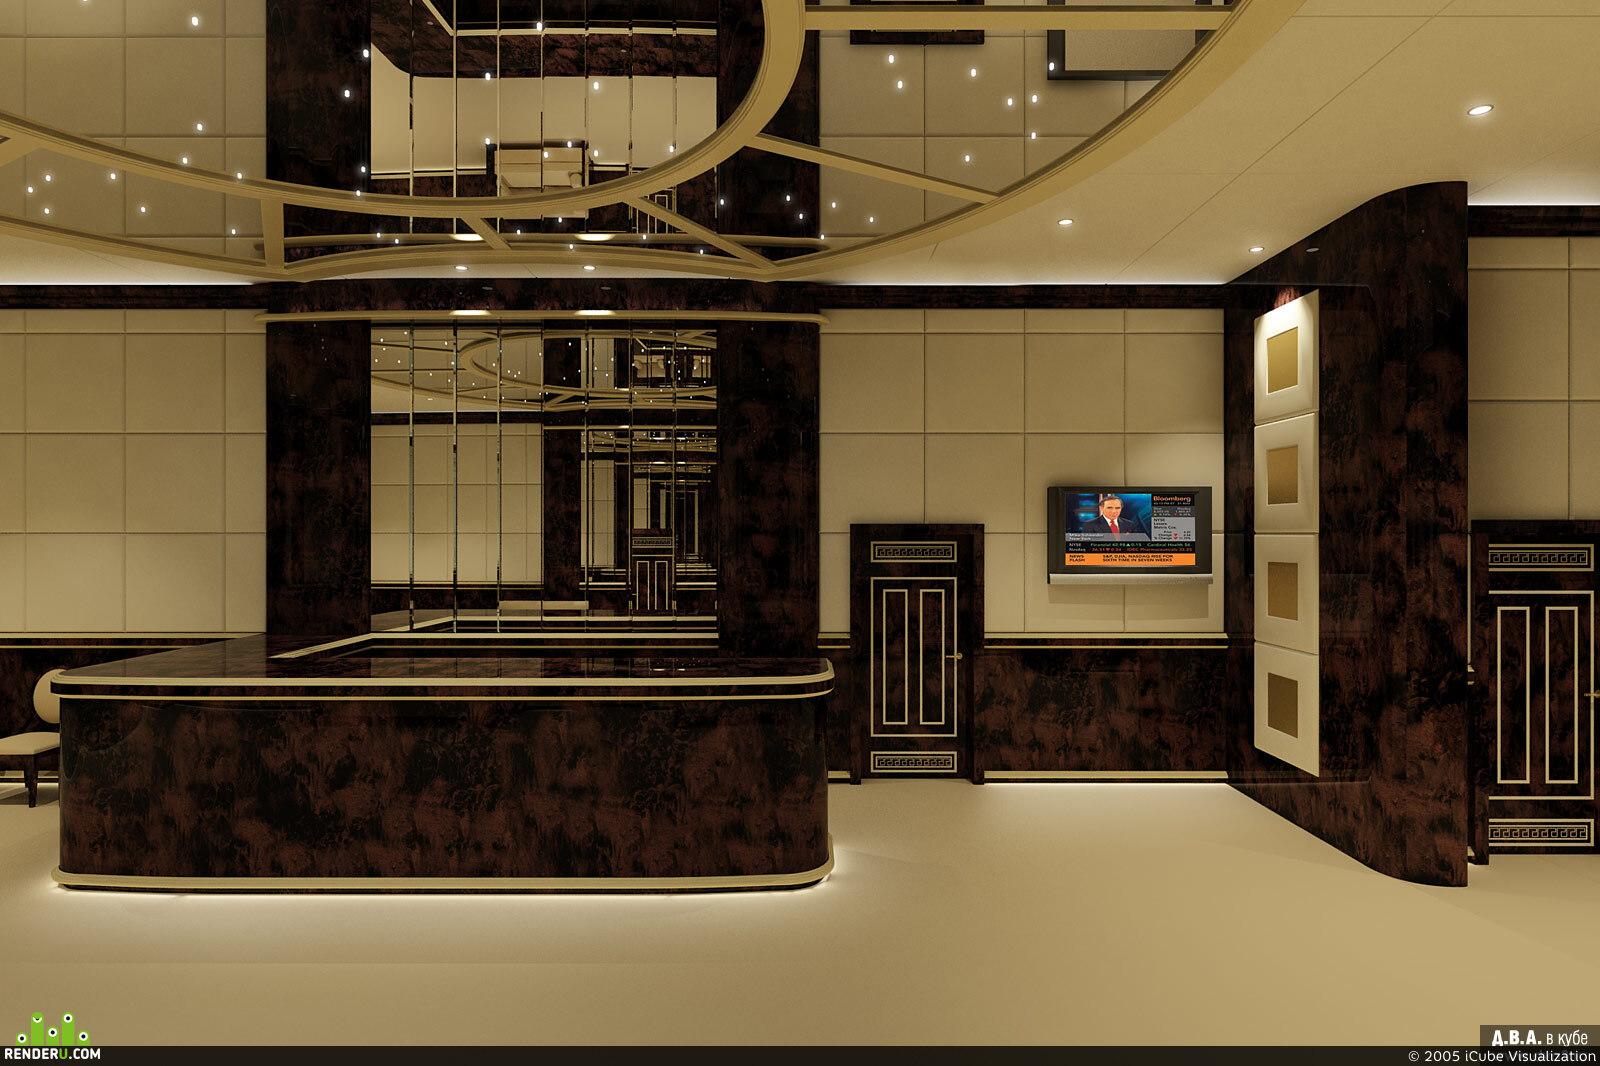 preview Дизайн проект входной группы в офисное здание (Вариант 1)